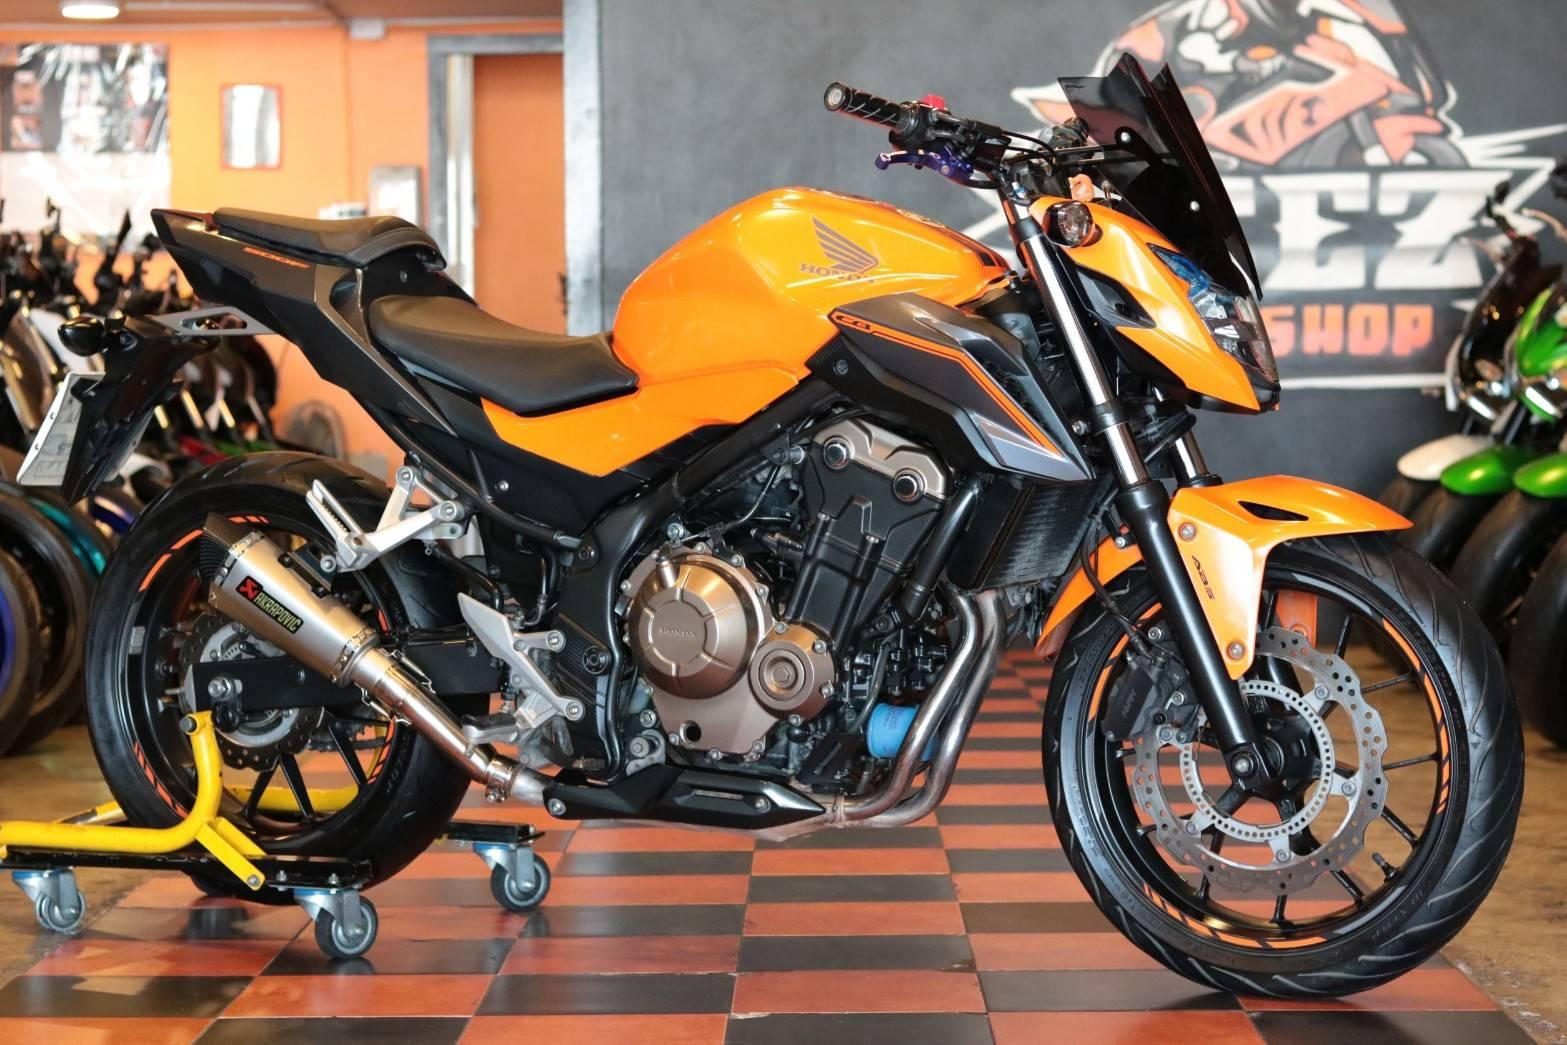 ขาย Honda CB500F ABS ปี 2018 แต่งเต็ม สภาพสวยกิ๊บ